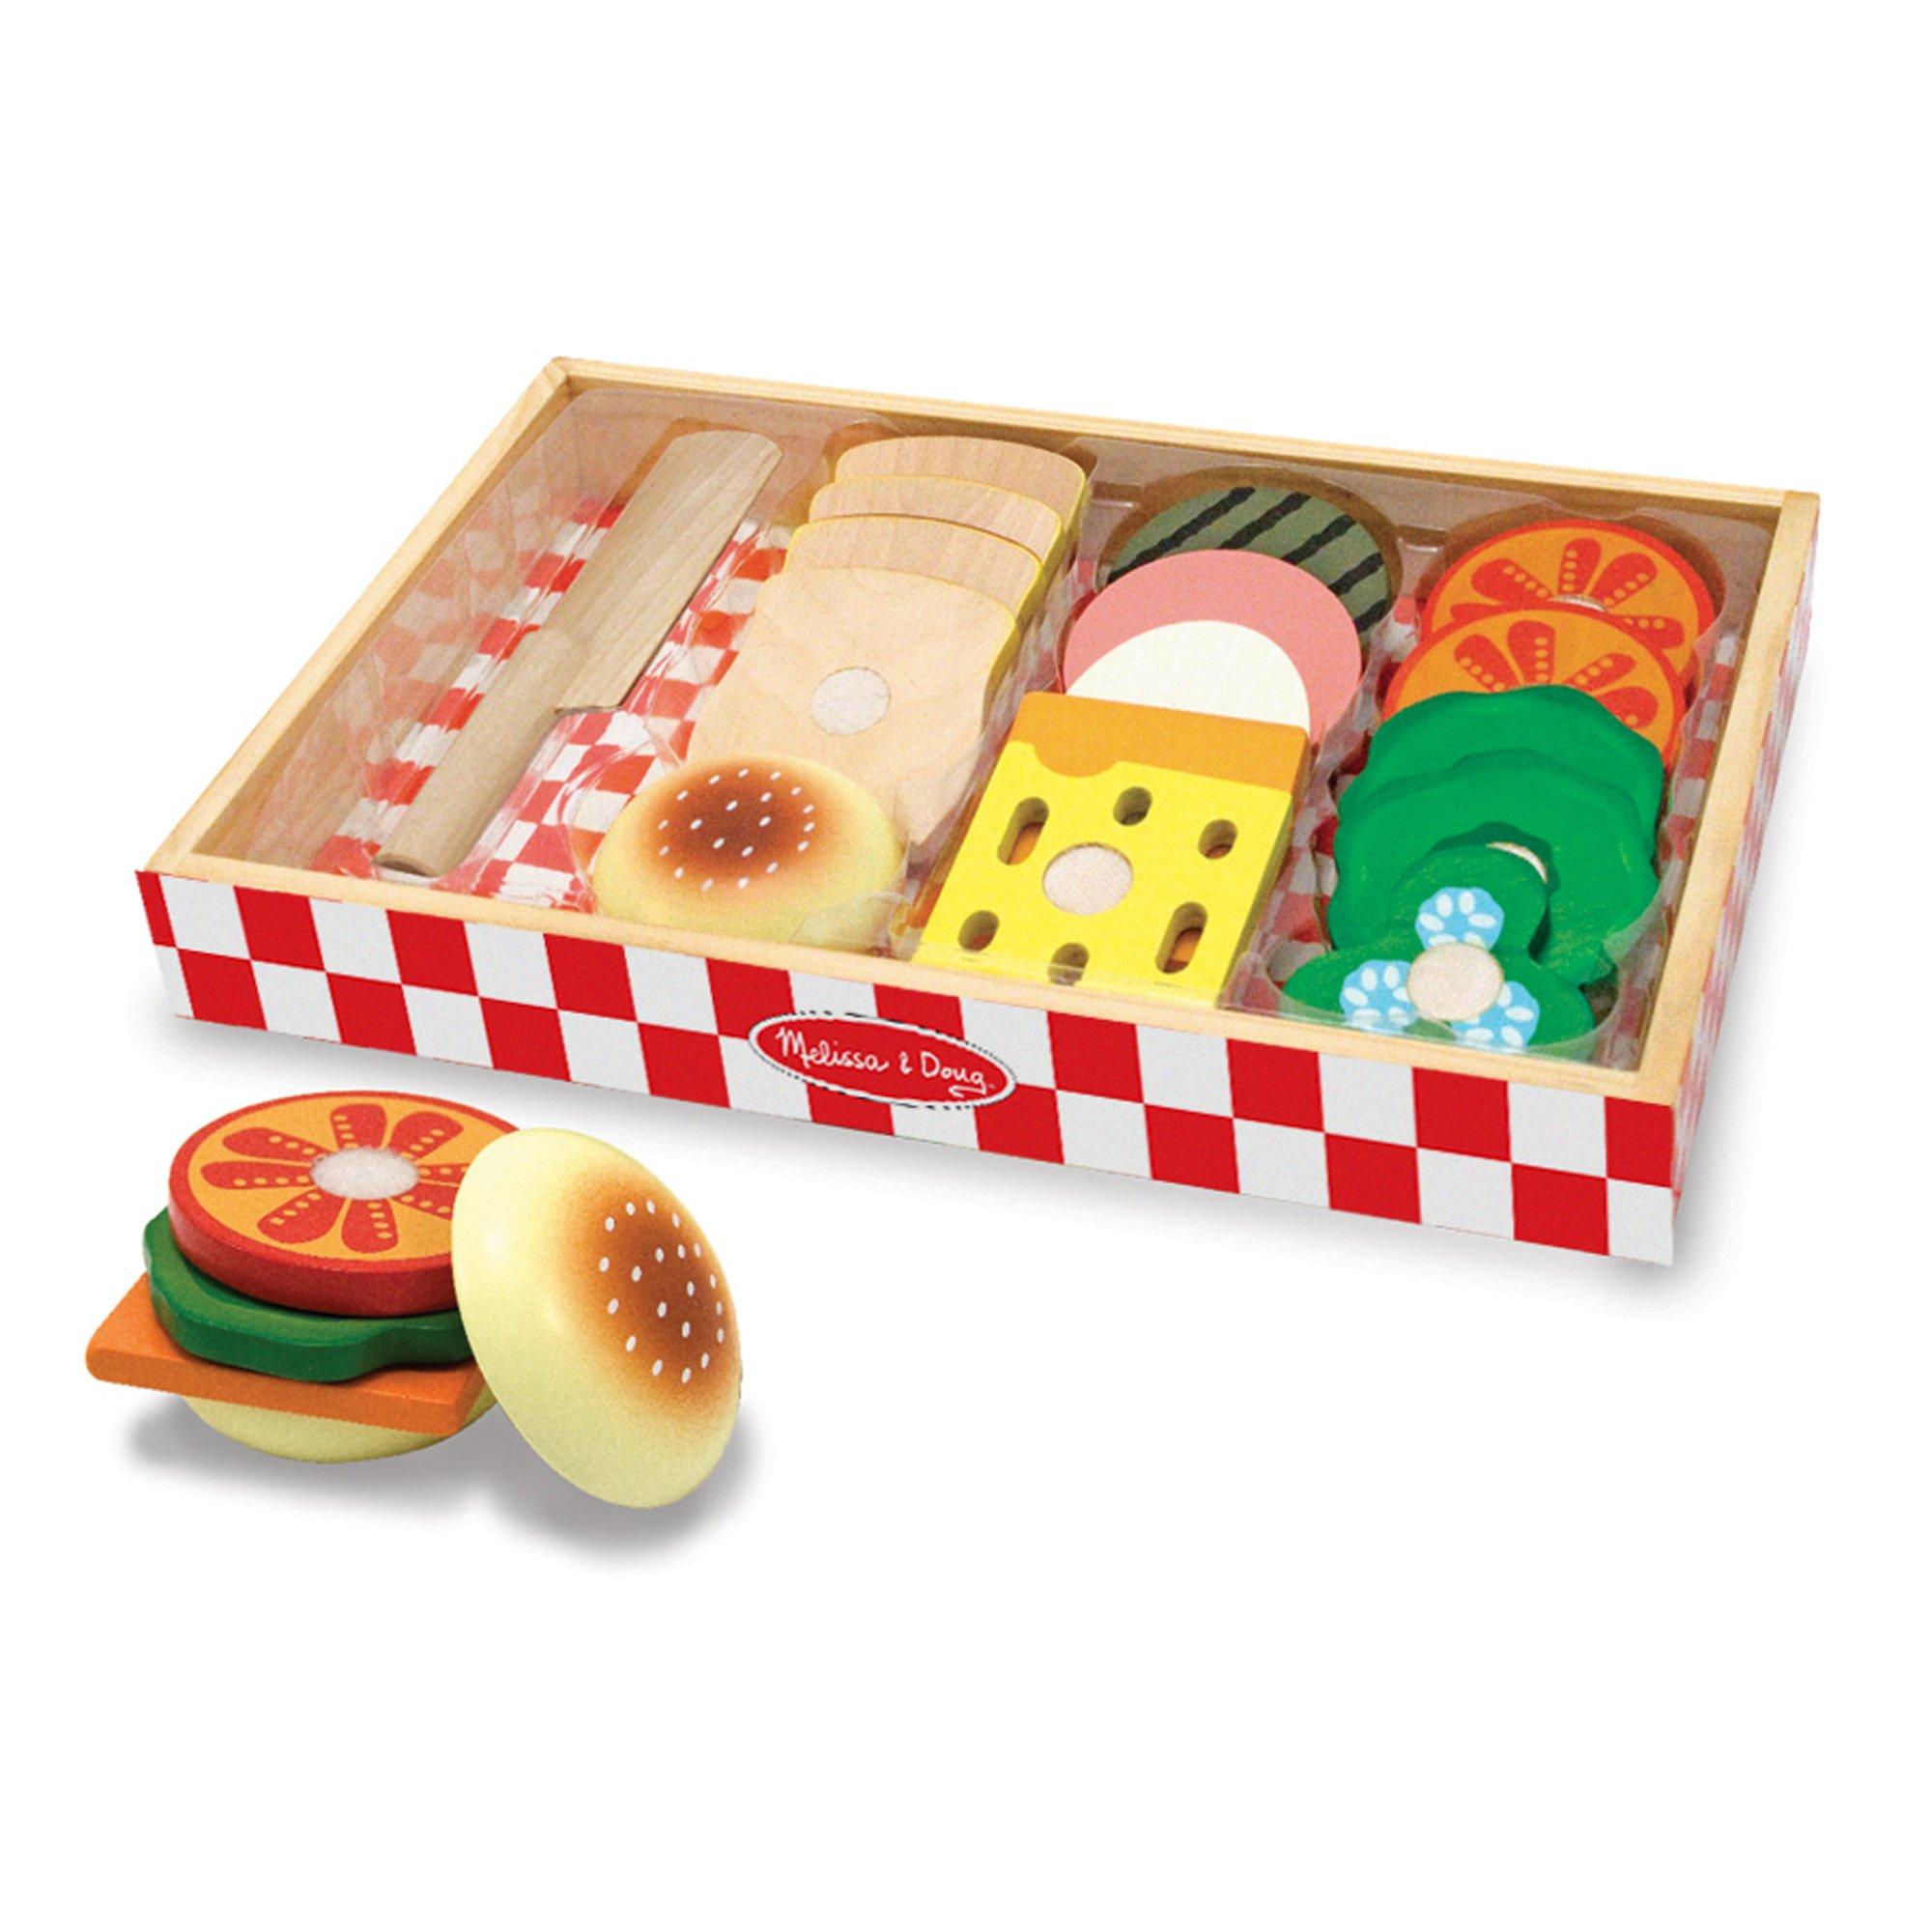 Купить Melissa & Doug Готовь и играй Делаем сэндвич, Melissa&Doug, Китай